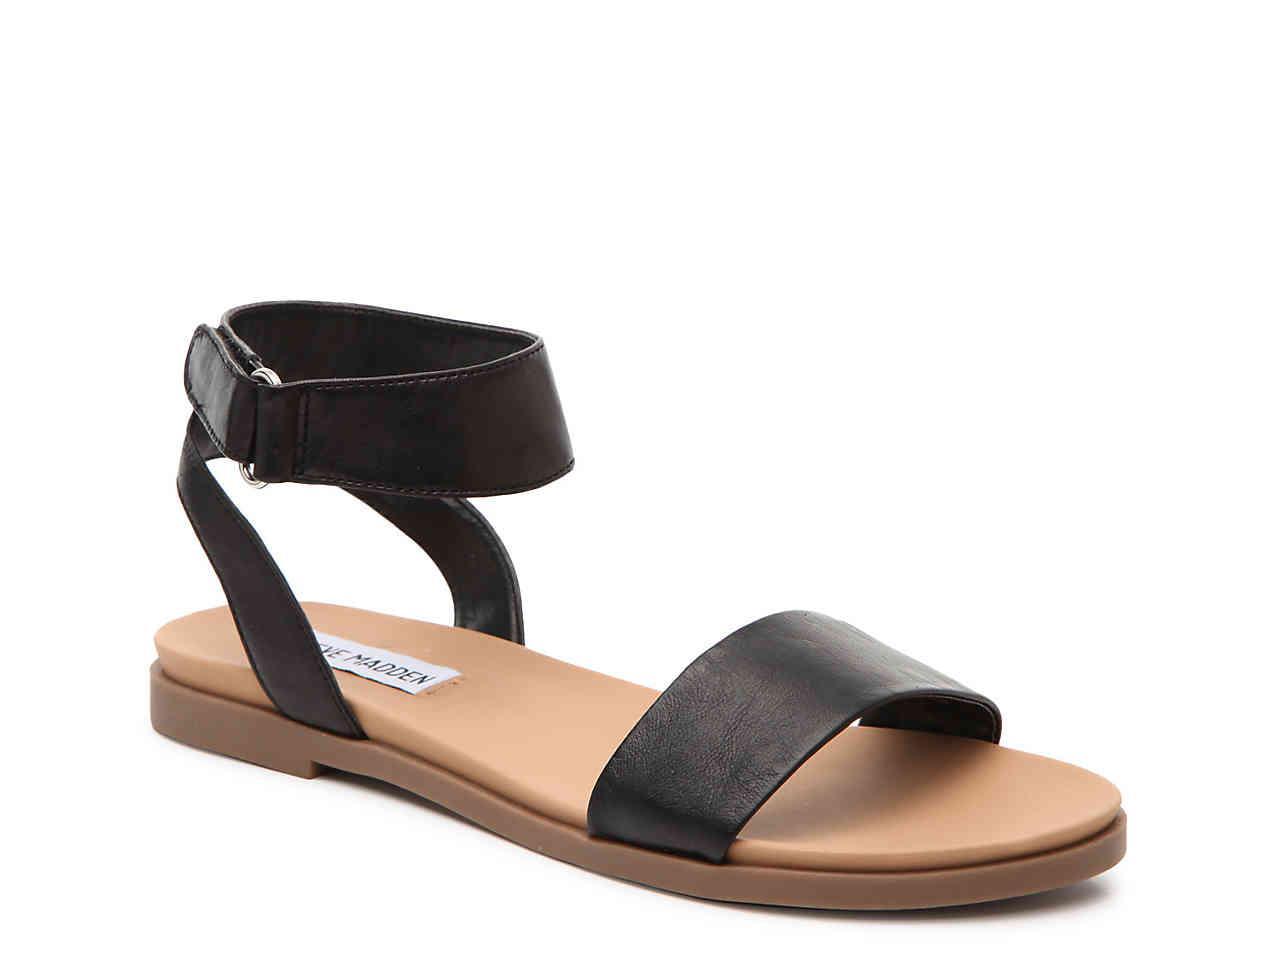 ce33ac50e30 Lyst - Steve Madden Meghan Flat Sandal in Black